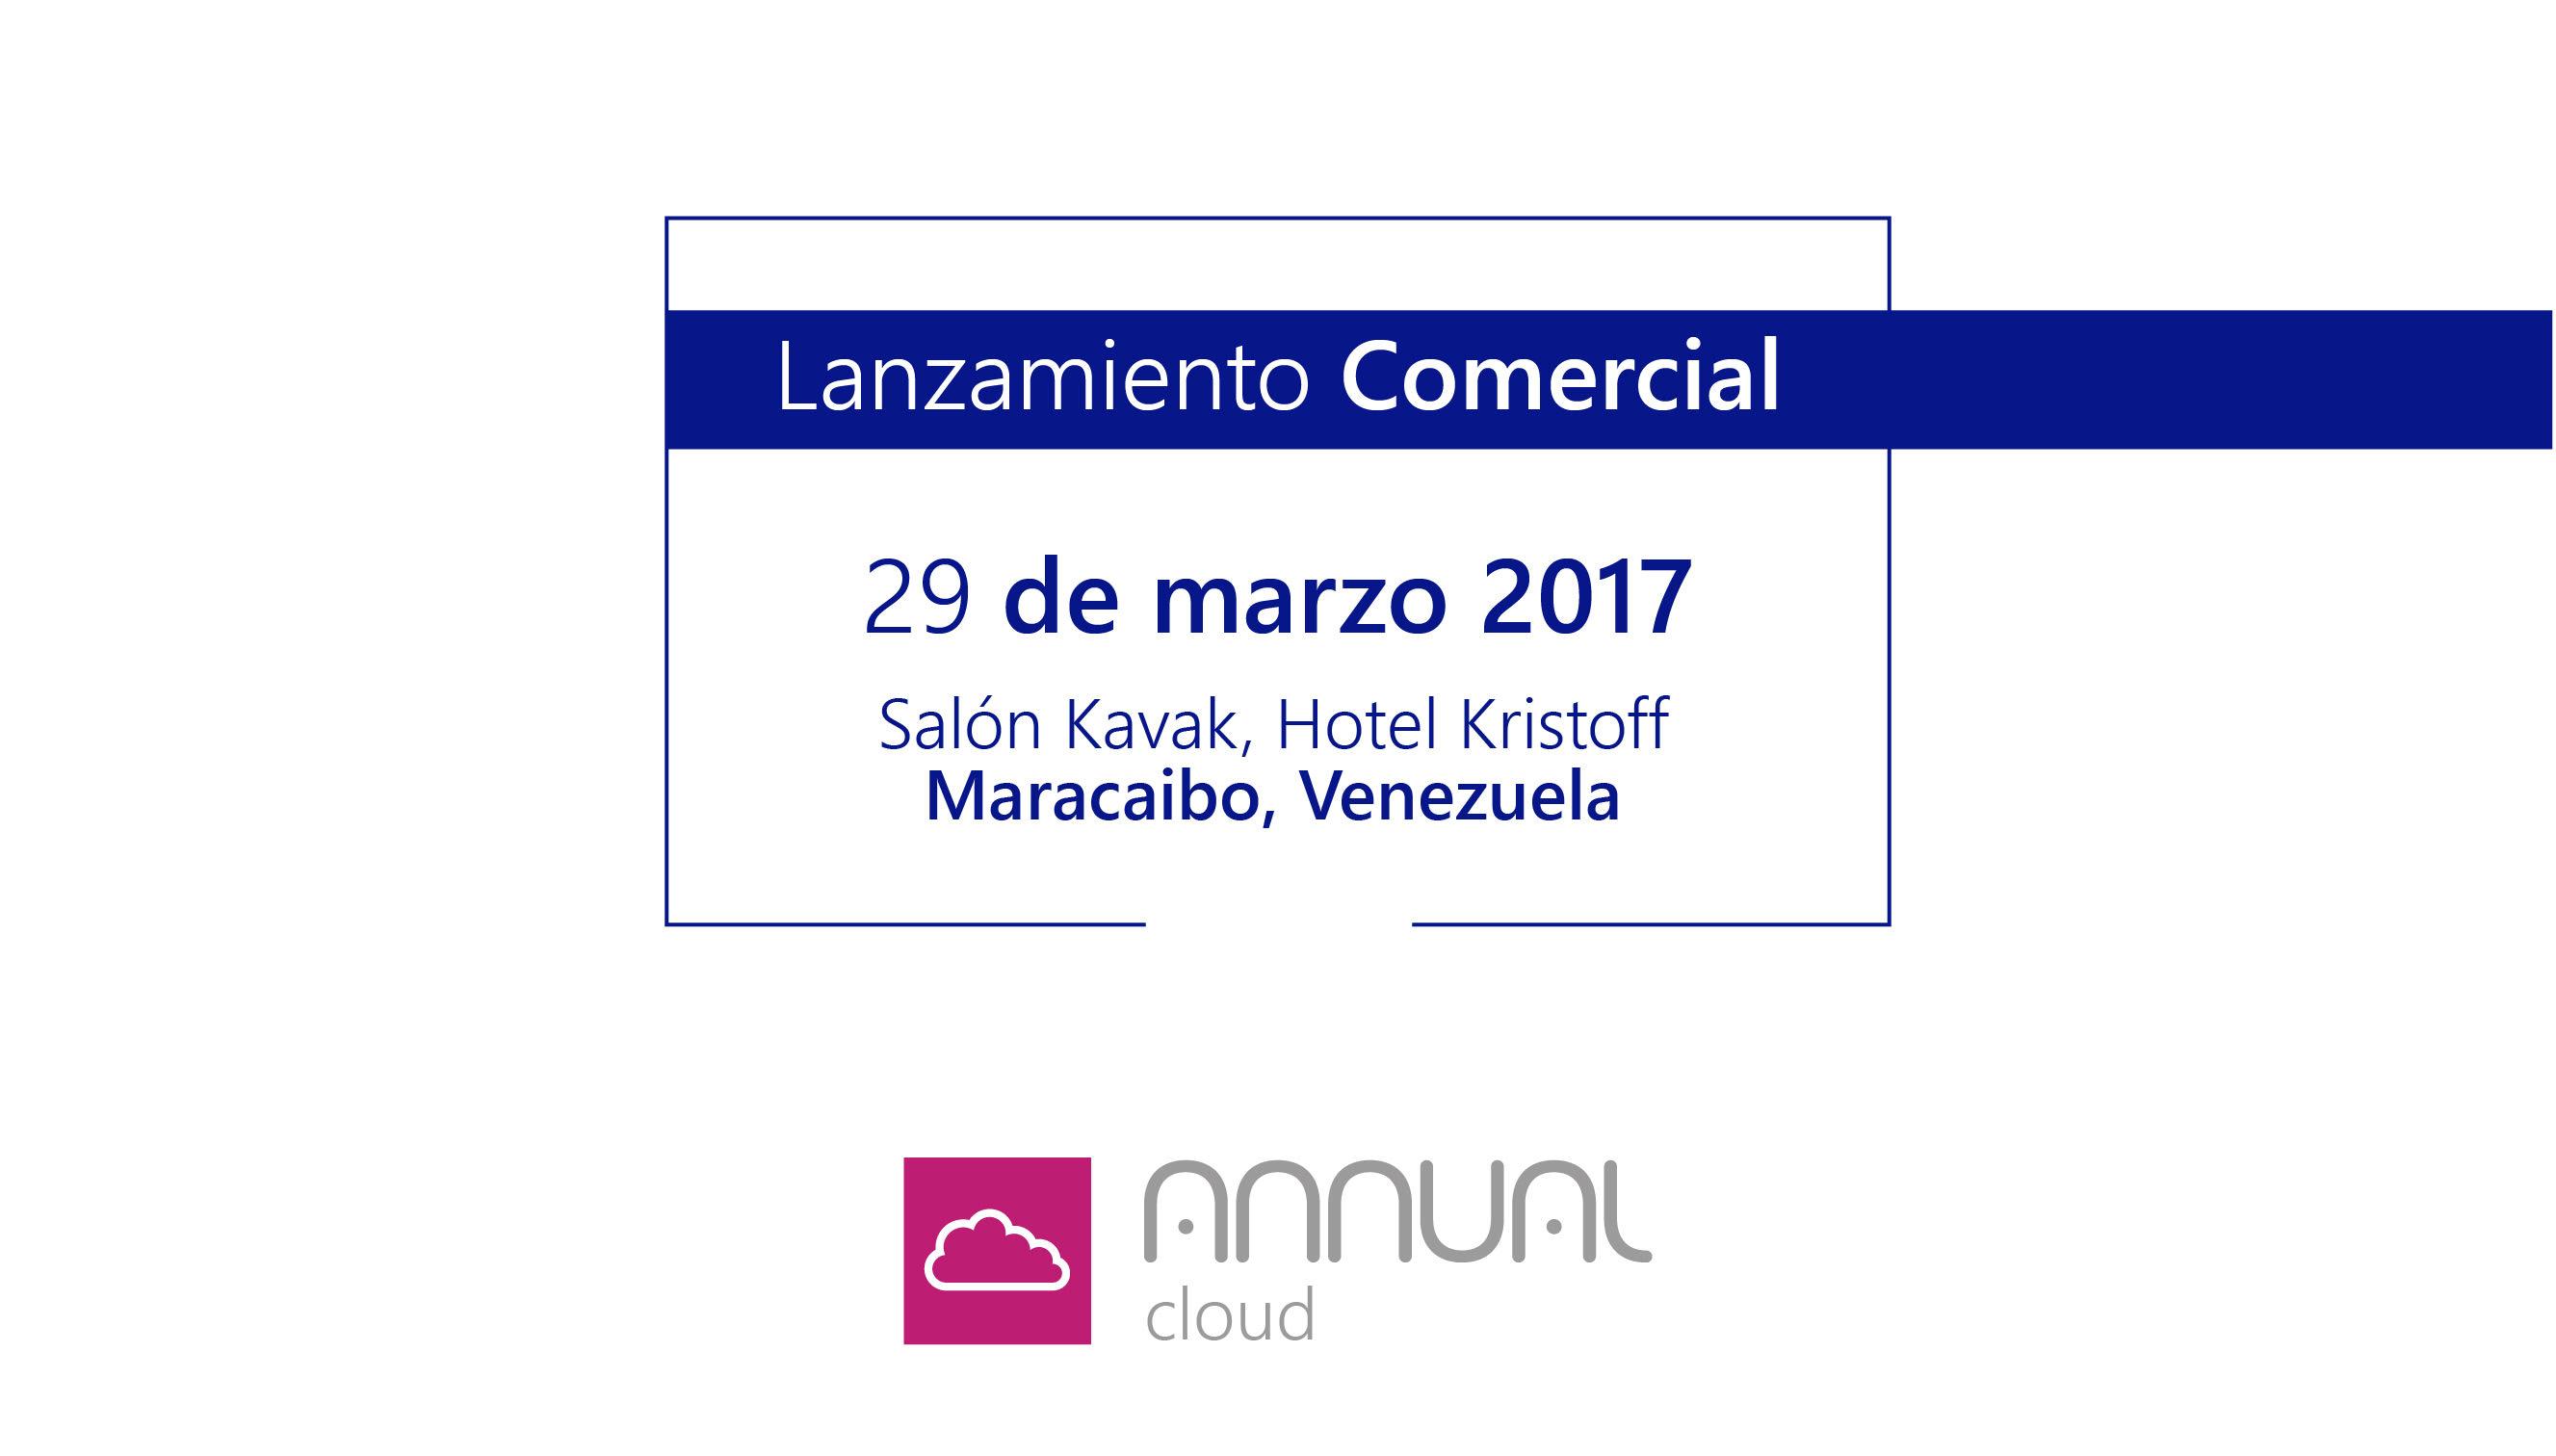 Lanzamiento comercial de Annual Cloud.